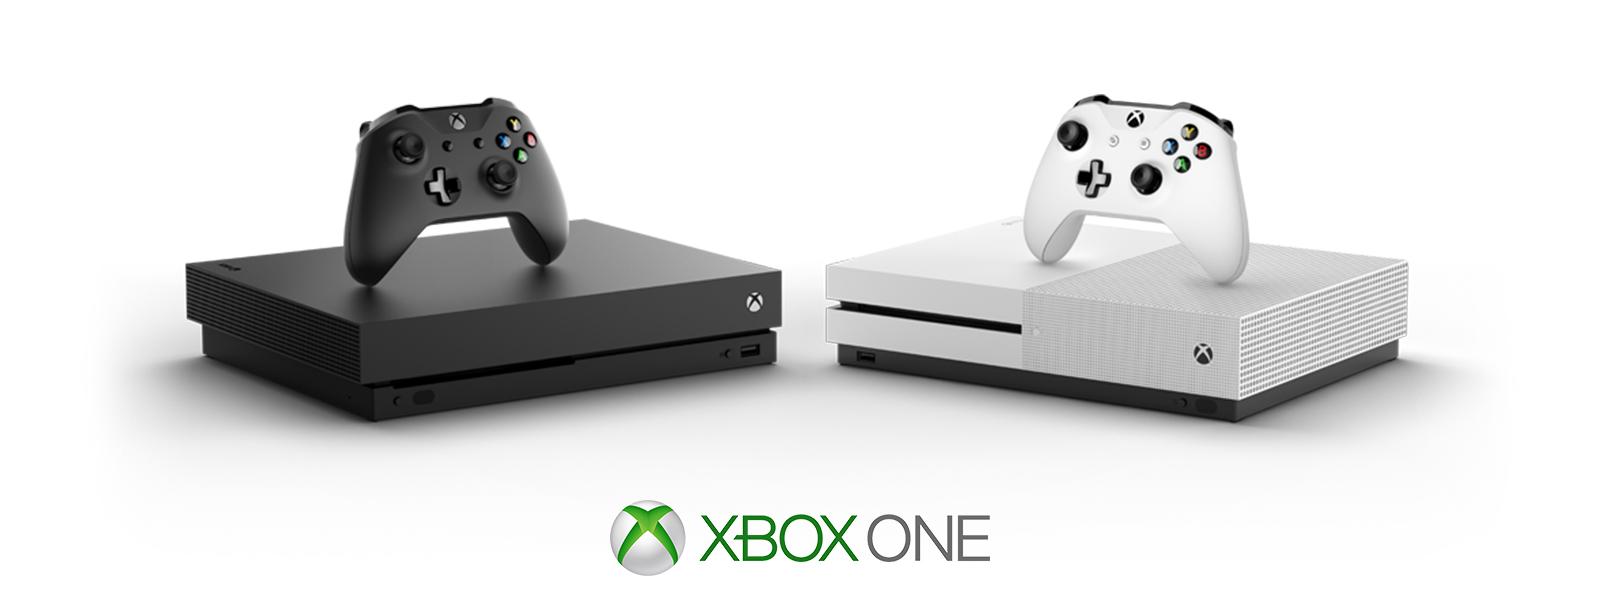 Xbox One X och Xbox One S